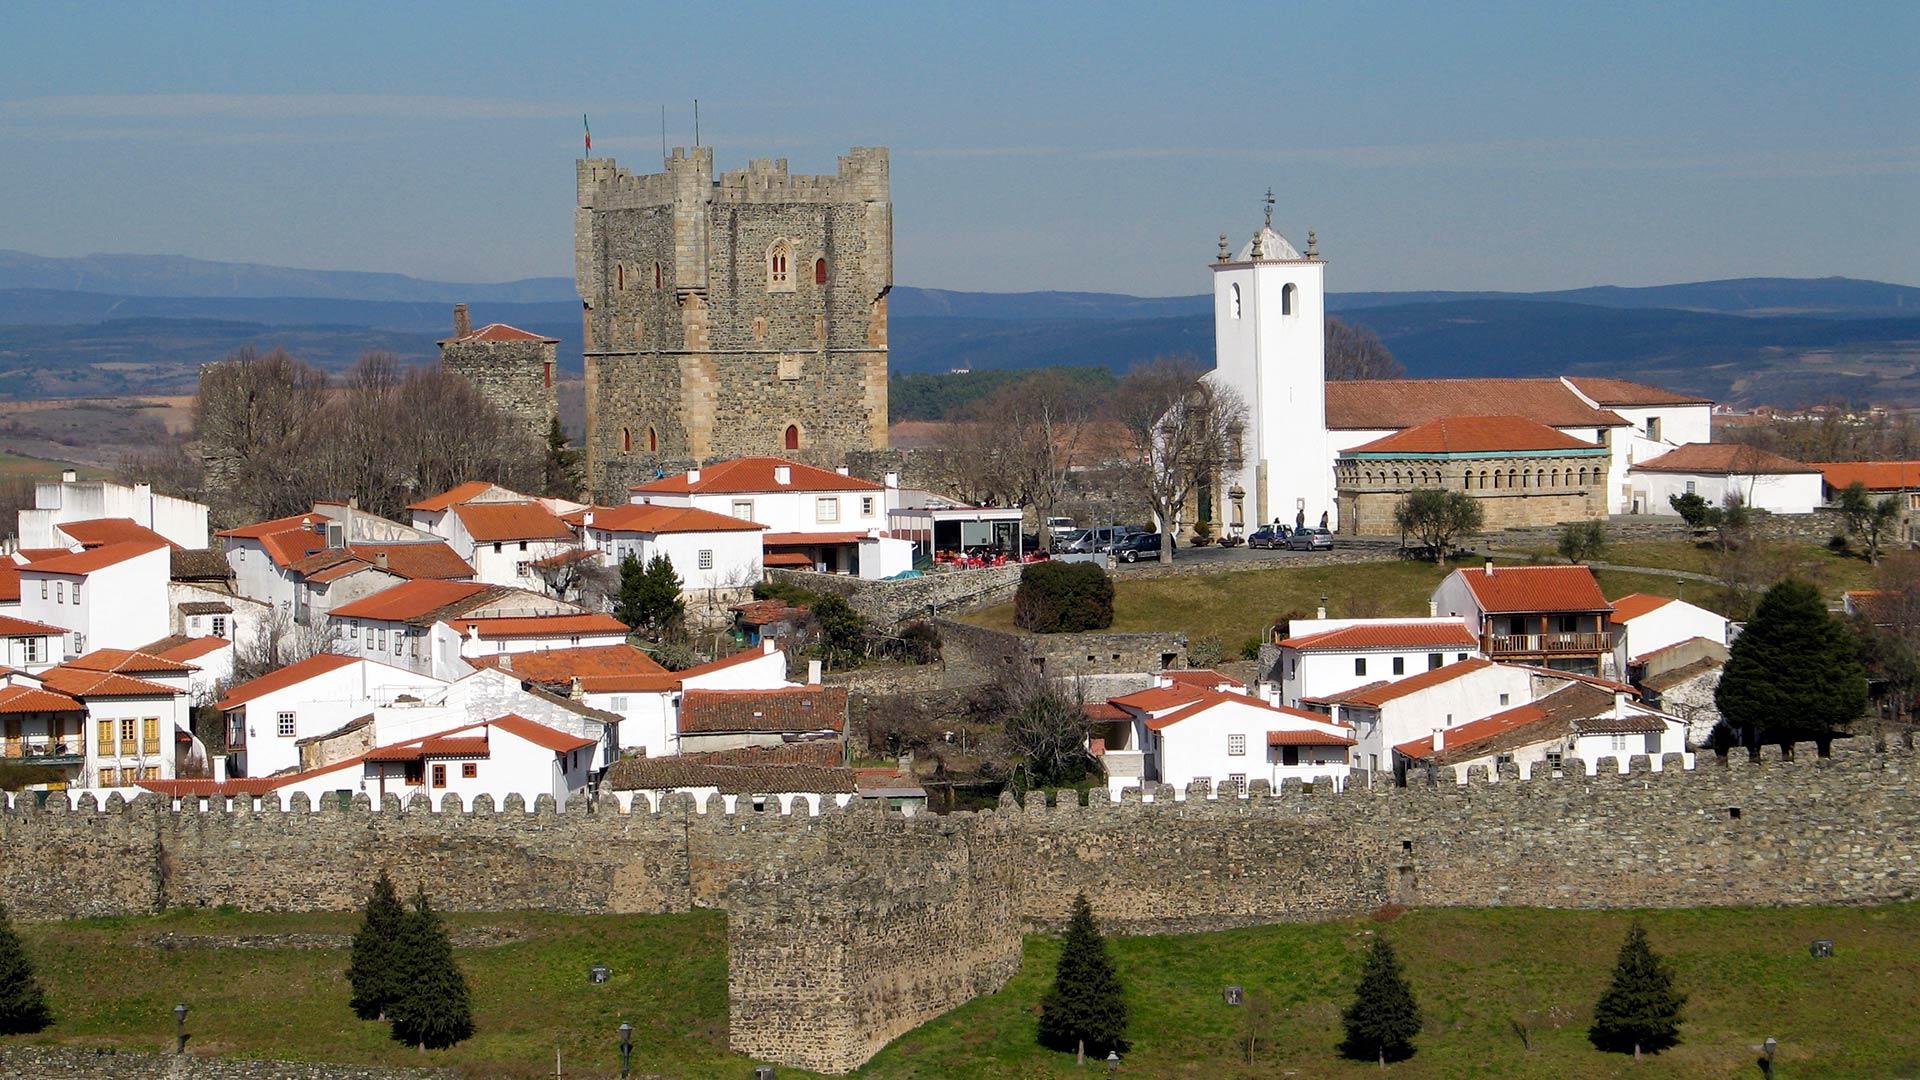 Citadel of Bragança / Bragança / Agência Regional de Promoção Turística Porto e Norte de Portugal